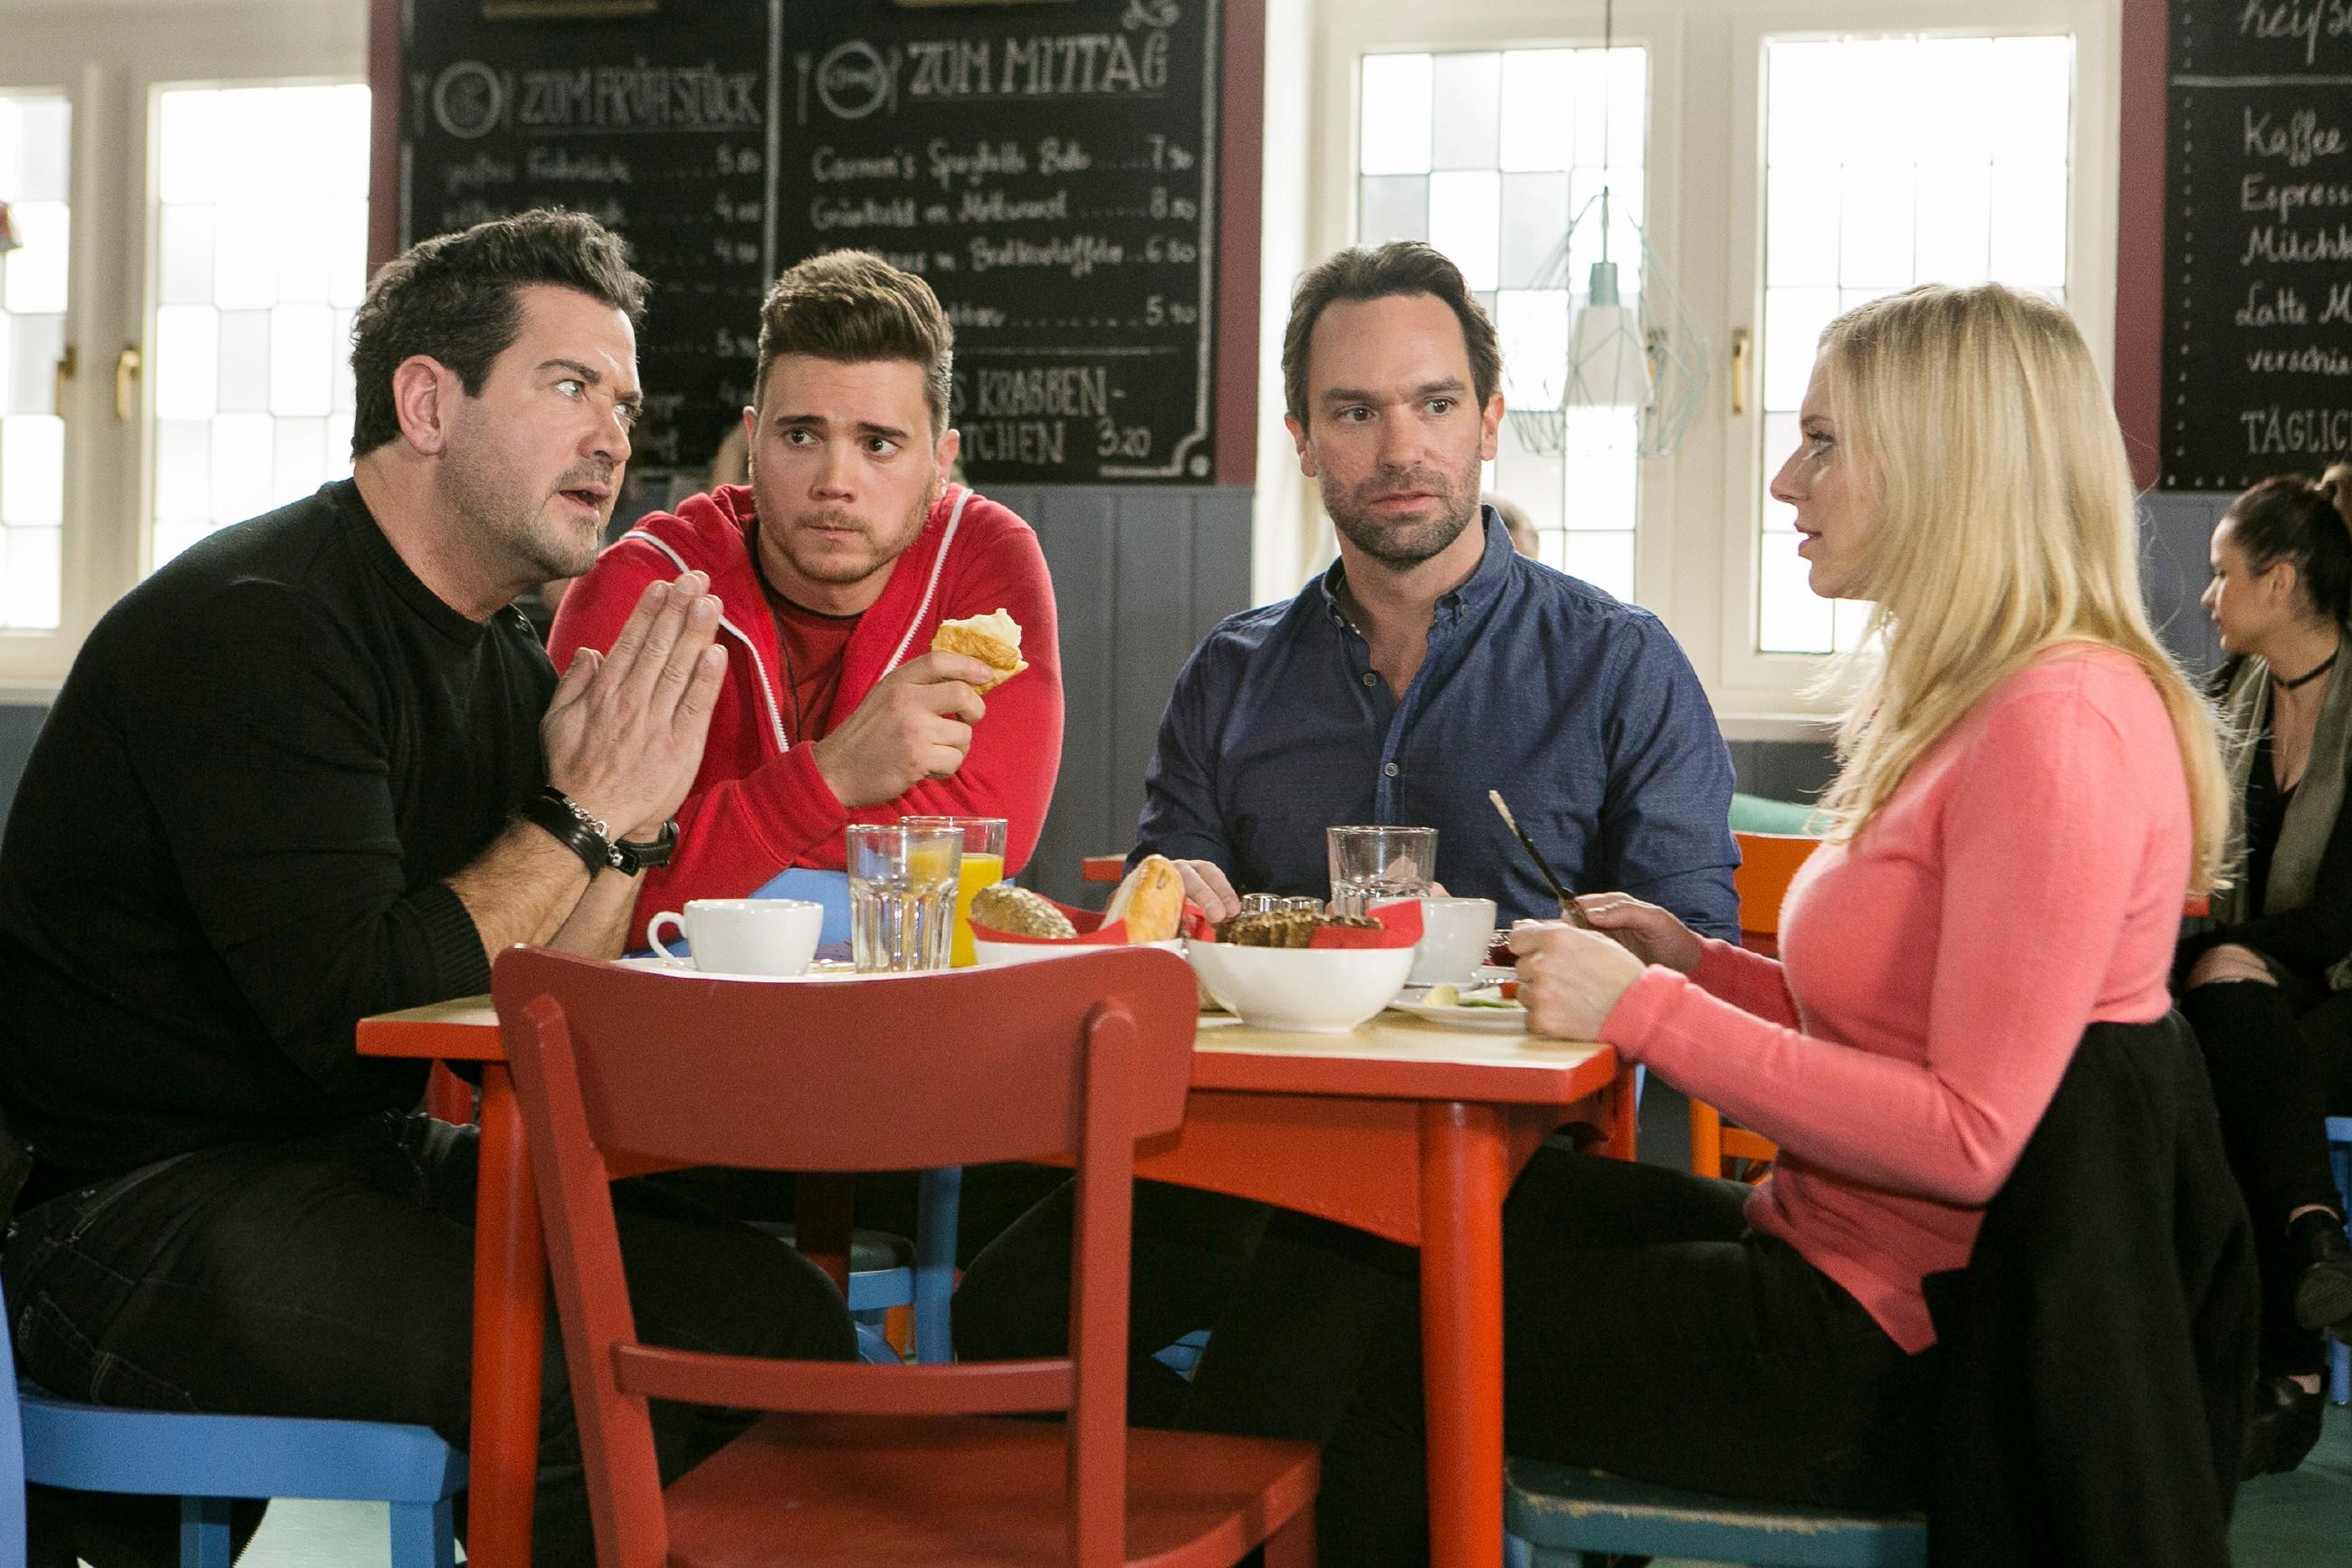 Ronny (Bela Klentze, 2.v.l.) zeigt sich beim Essen mit Marian (Sam Eisenstein, l.), Thomas (Daniel Brockhaus) und Lena (Juliette Greco) wild entschlossen, für Michelle alles zu geben. (Quelle: RTL / Stefan Behrens)